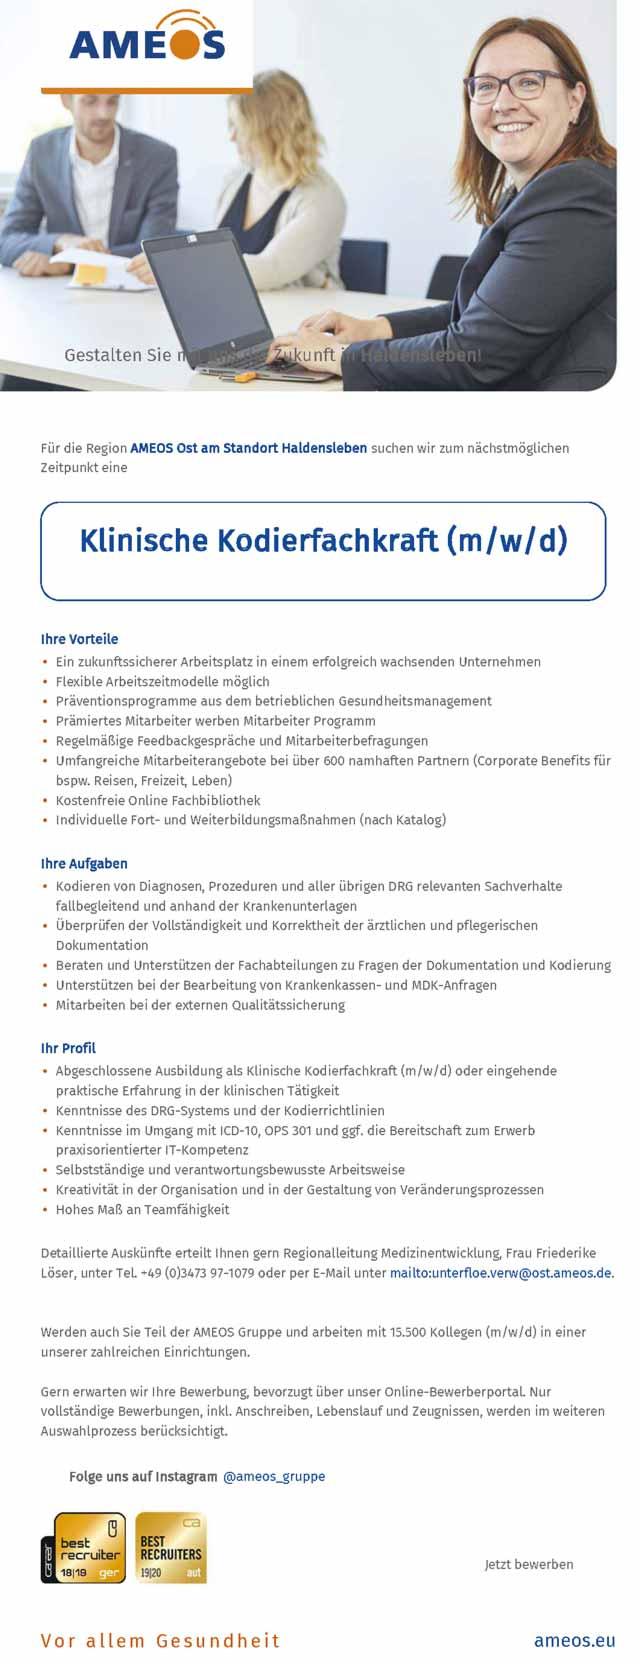 Ameos Ost Bernburg Haldensleben: Klinische Kodierfachkraft (m/w/d)